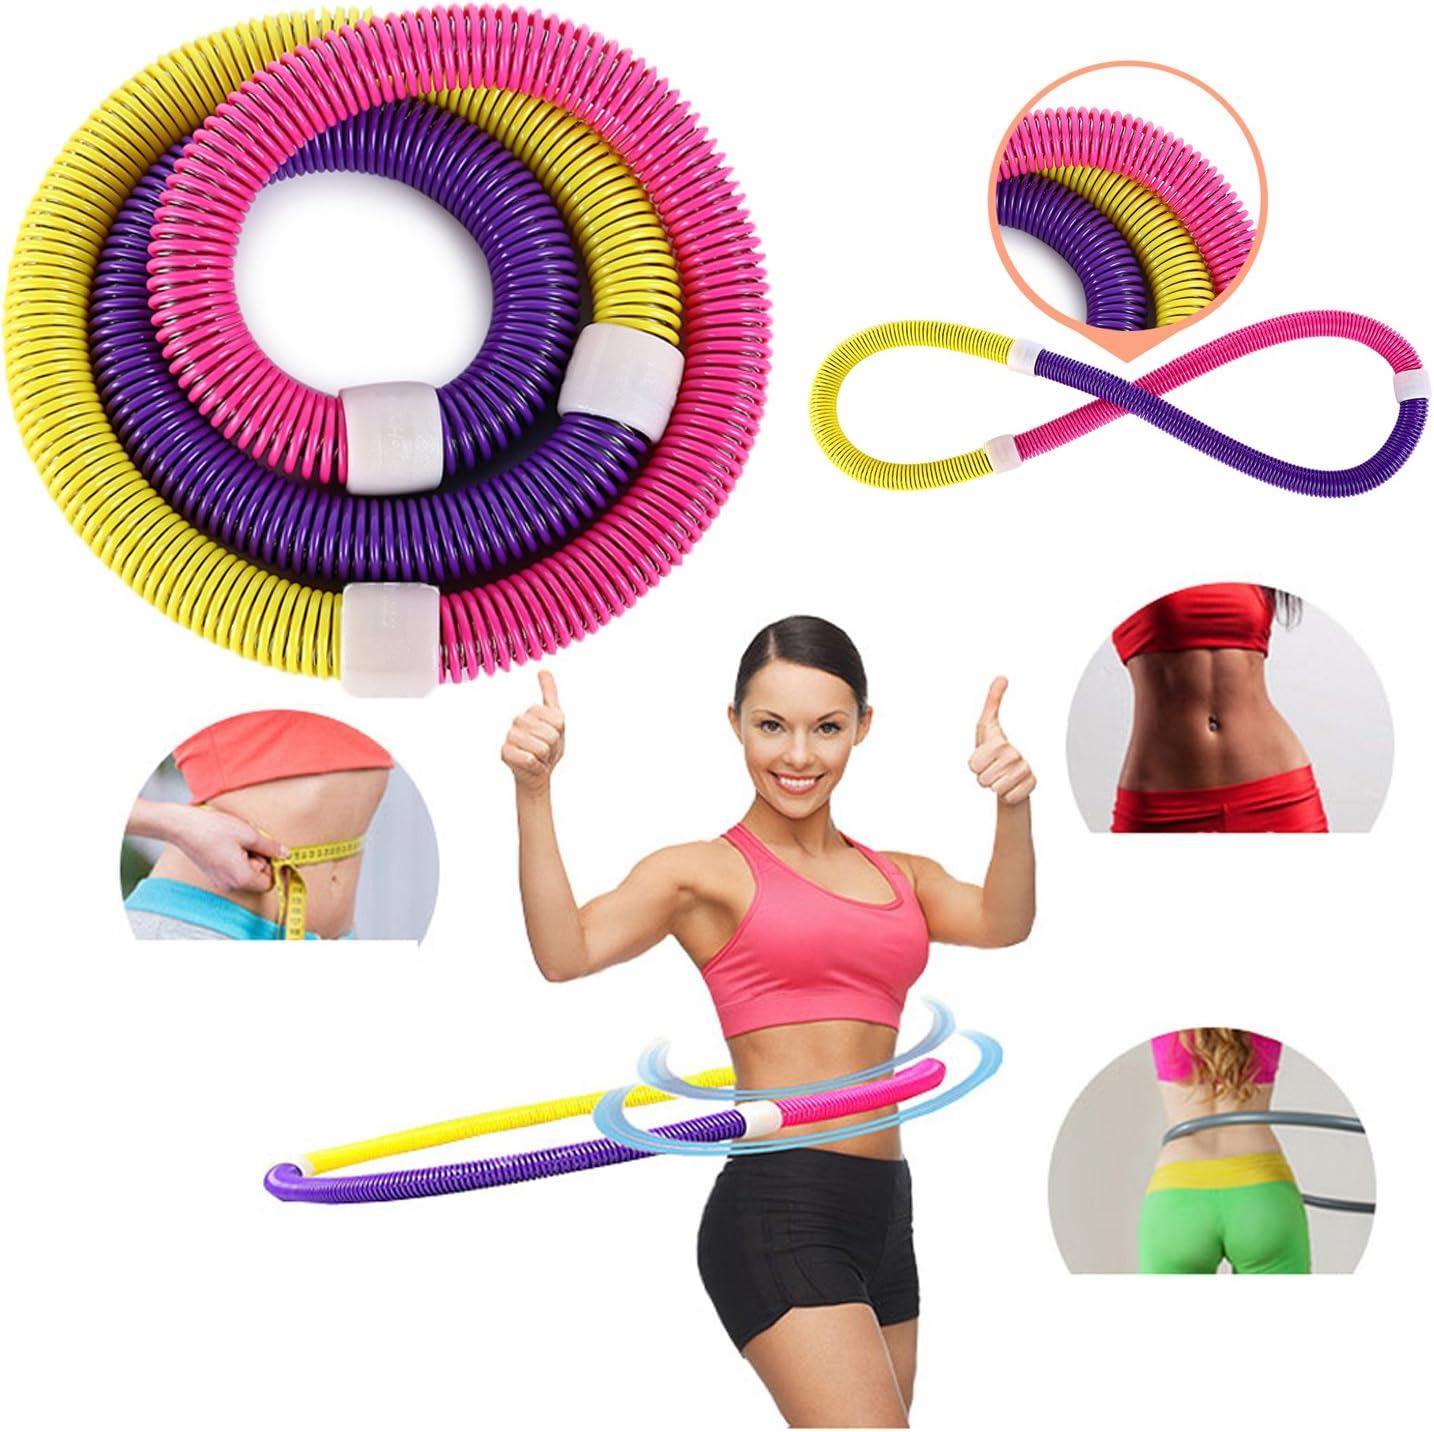 Cerceau de fitness Sports Cr/éoles pour perte de poids l/éger Tour de taille minceur Int/érieur de fitness M/étal galvanis/é /à ressort /à lint/érieur